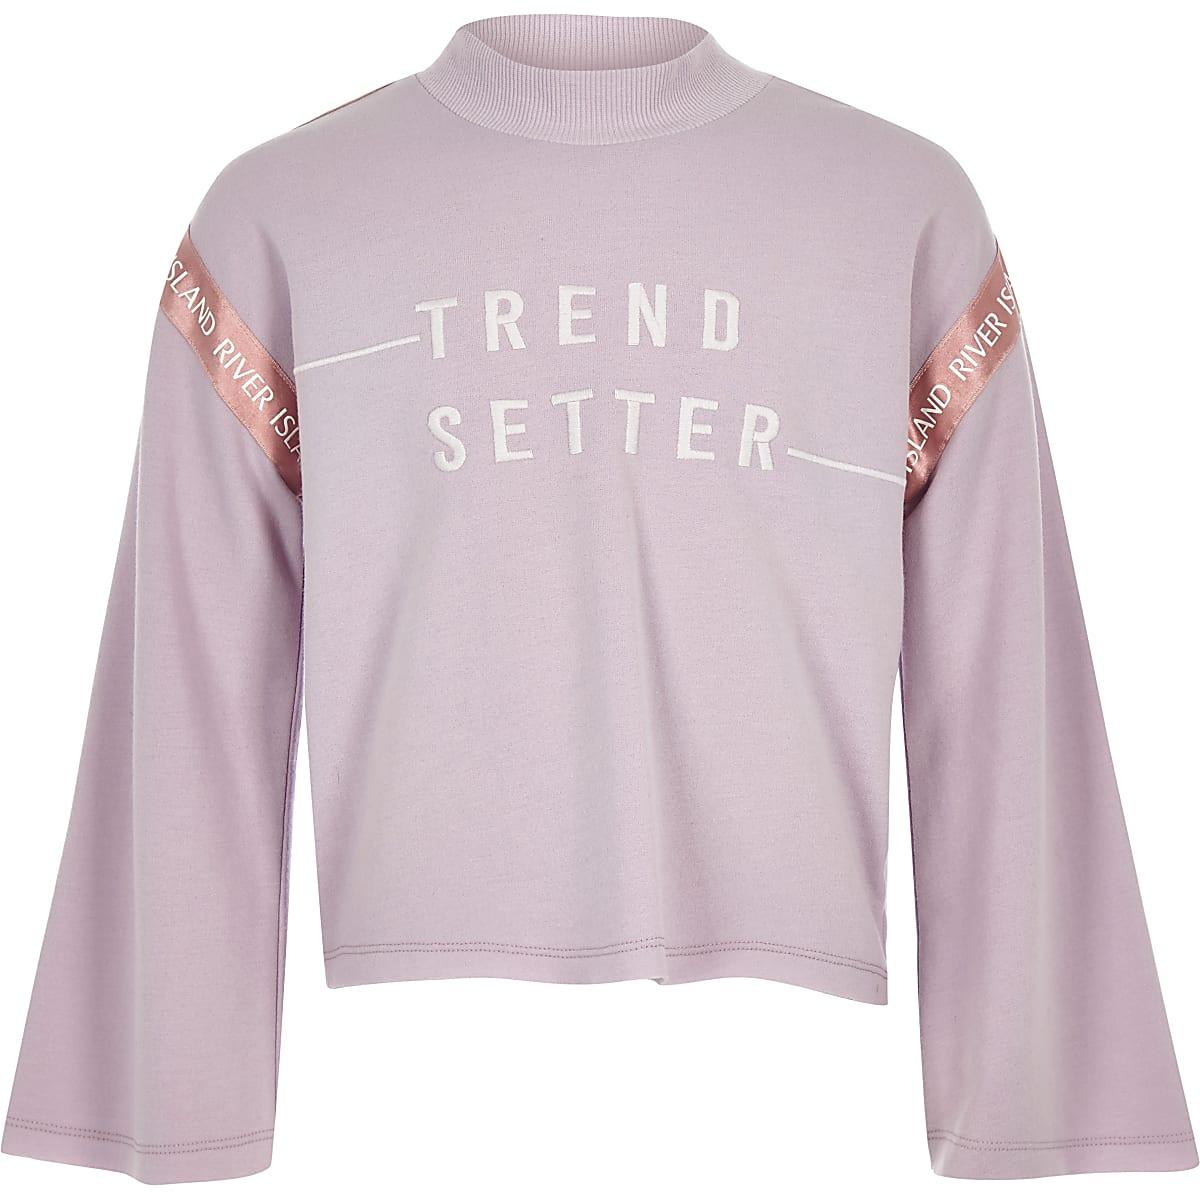 Paars sweatshirt met 'Trend setter'-print voor meisjes